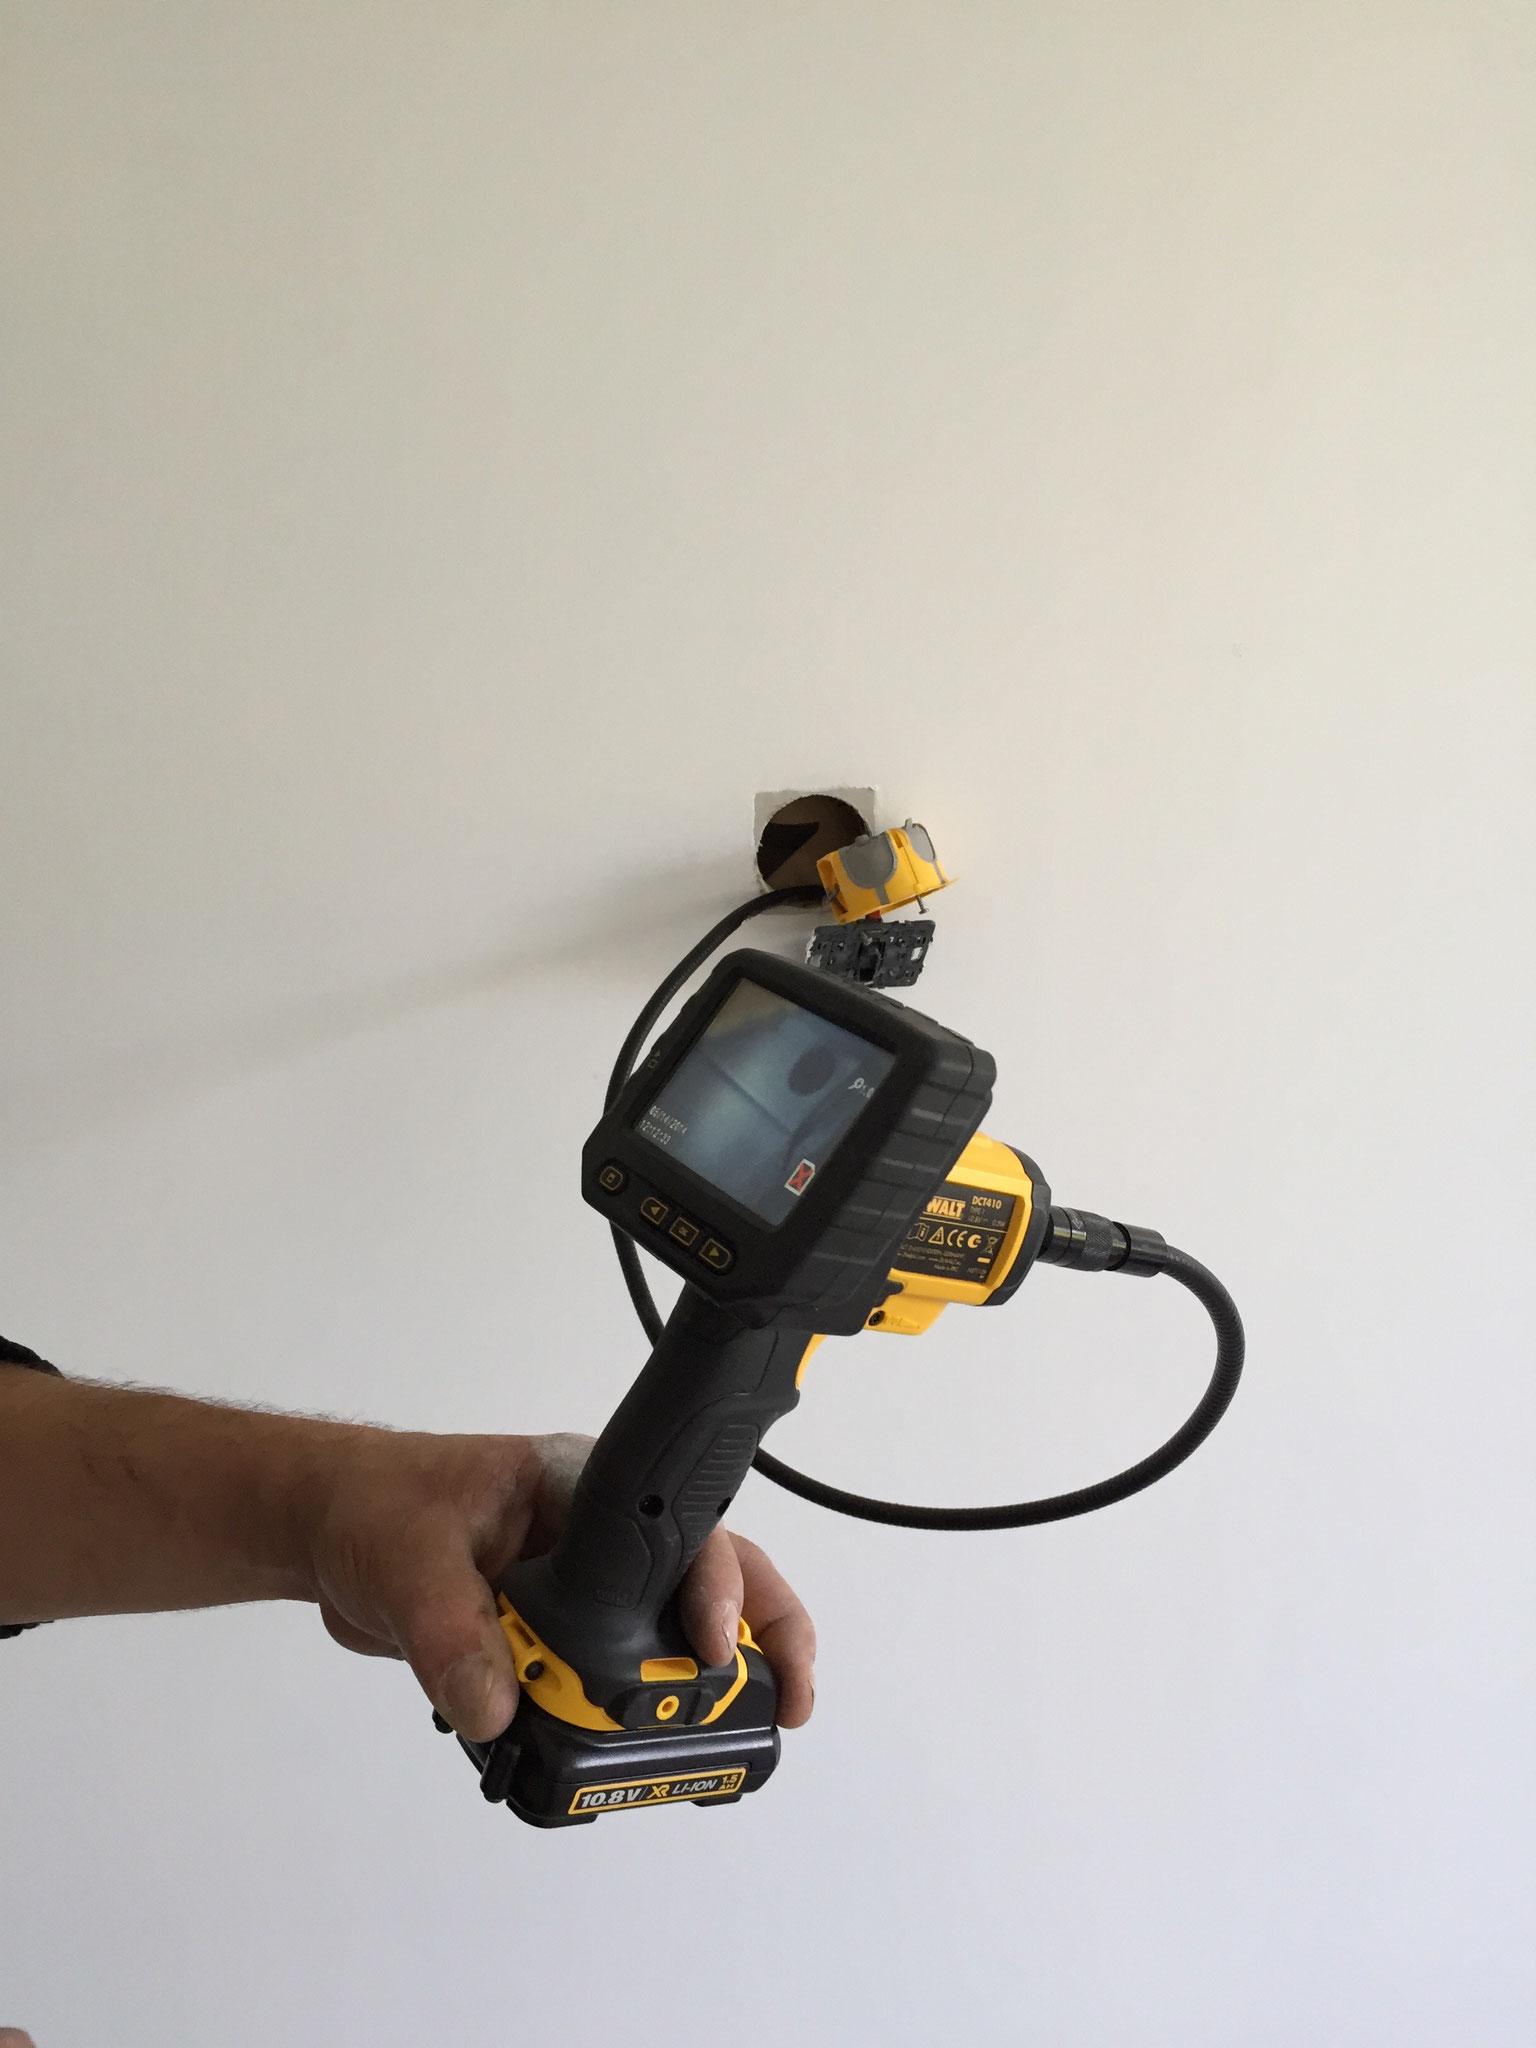 Caméra d'inspection permet un sondage non destructif pour vérifier la qualité et l'épaisseur de l'isolation